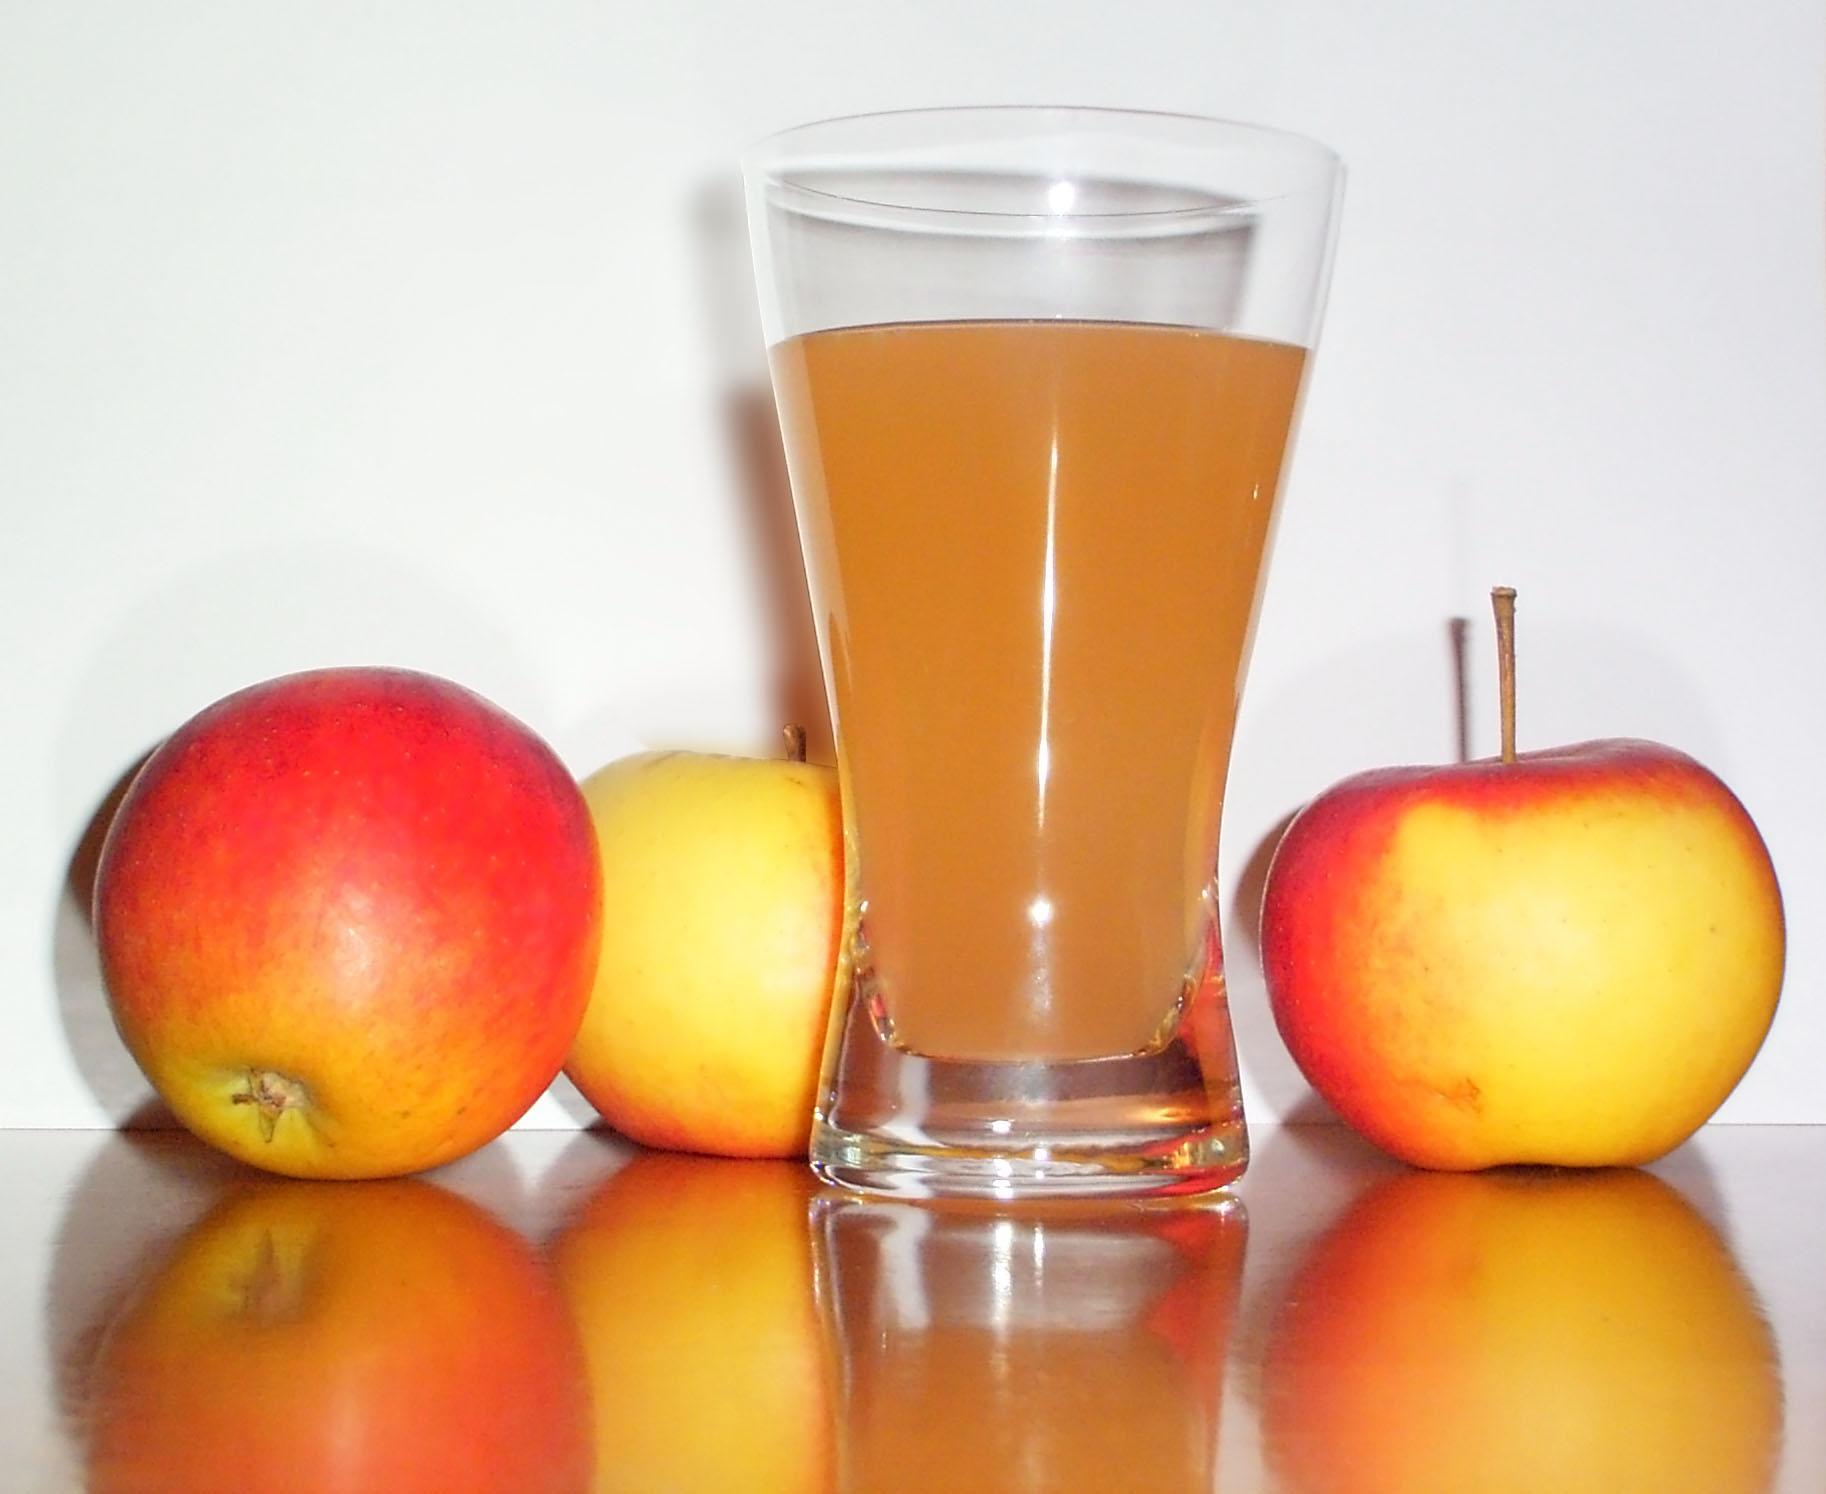 fruit juice drink - teeth